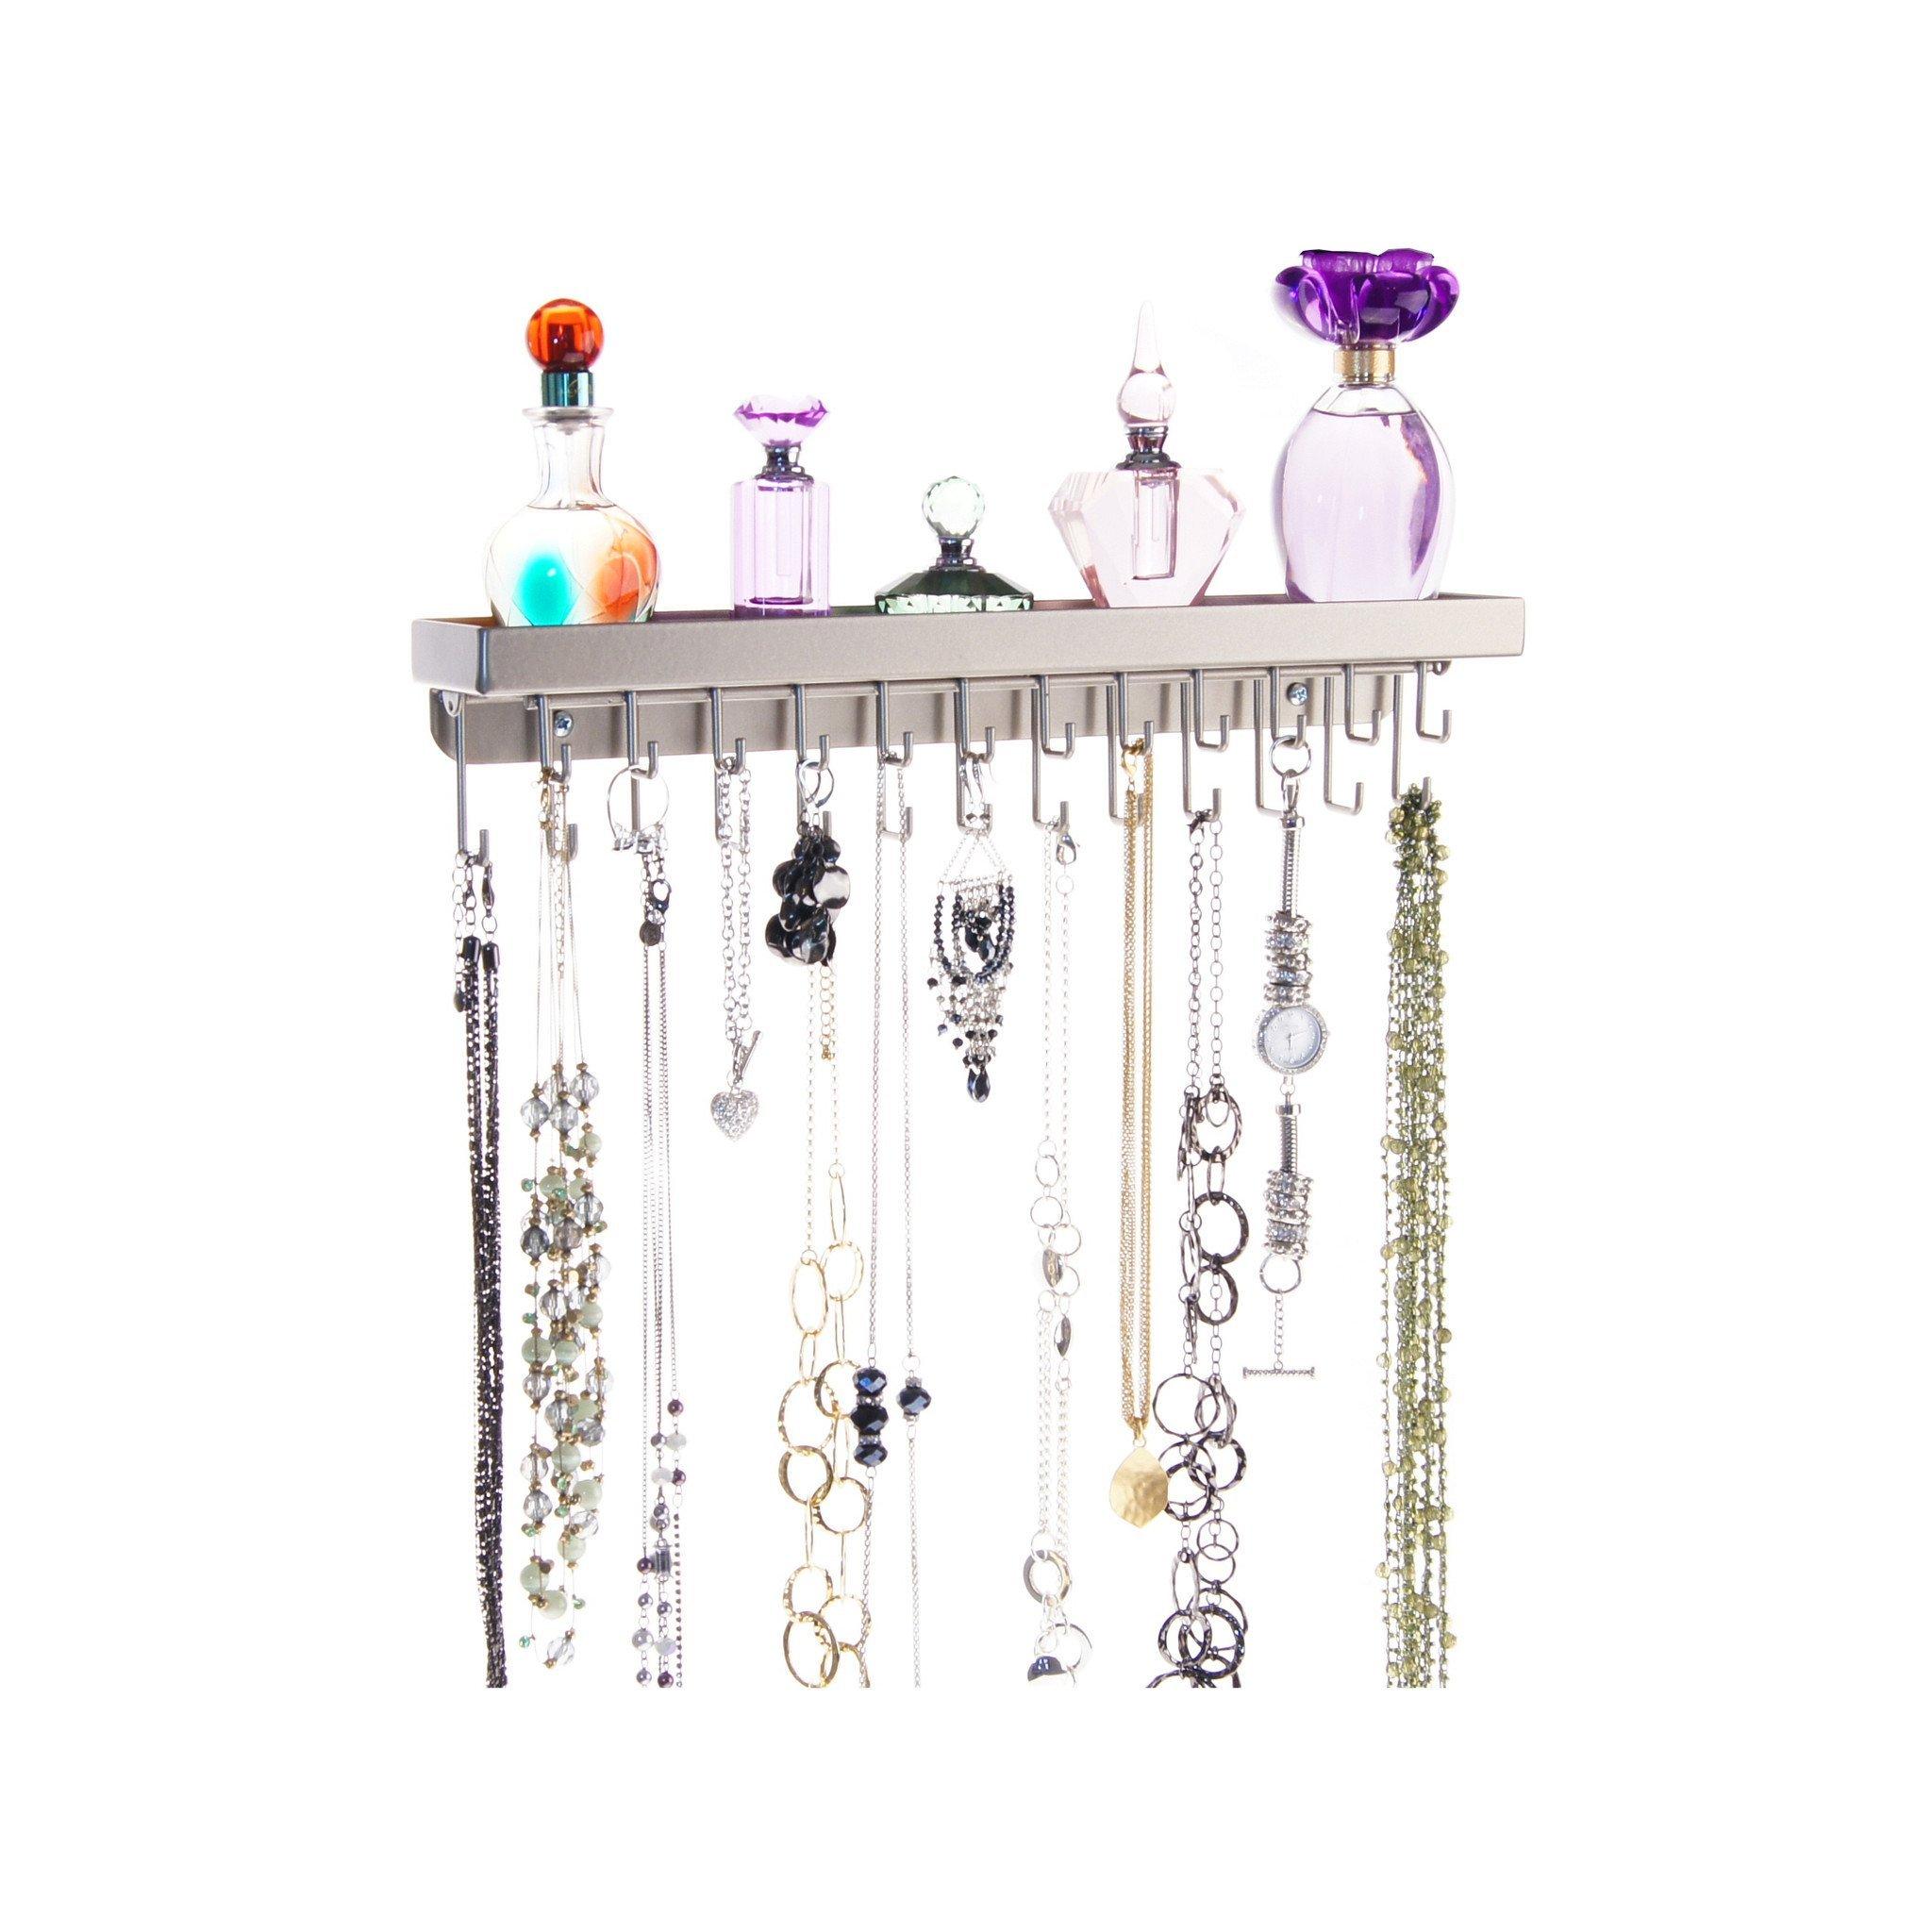 Necklace Holder Wall Mount Jewelry Organizer Hanging Bracelet Rack Closet  Storage, Schelon Satin Nickel Silver